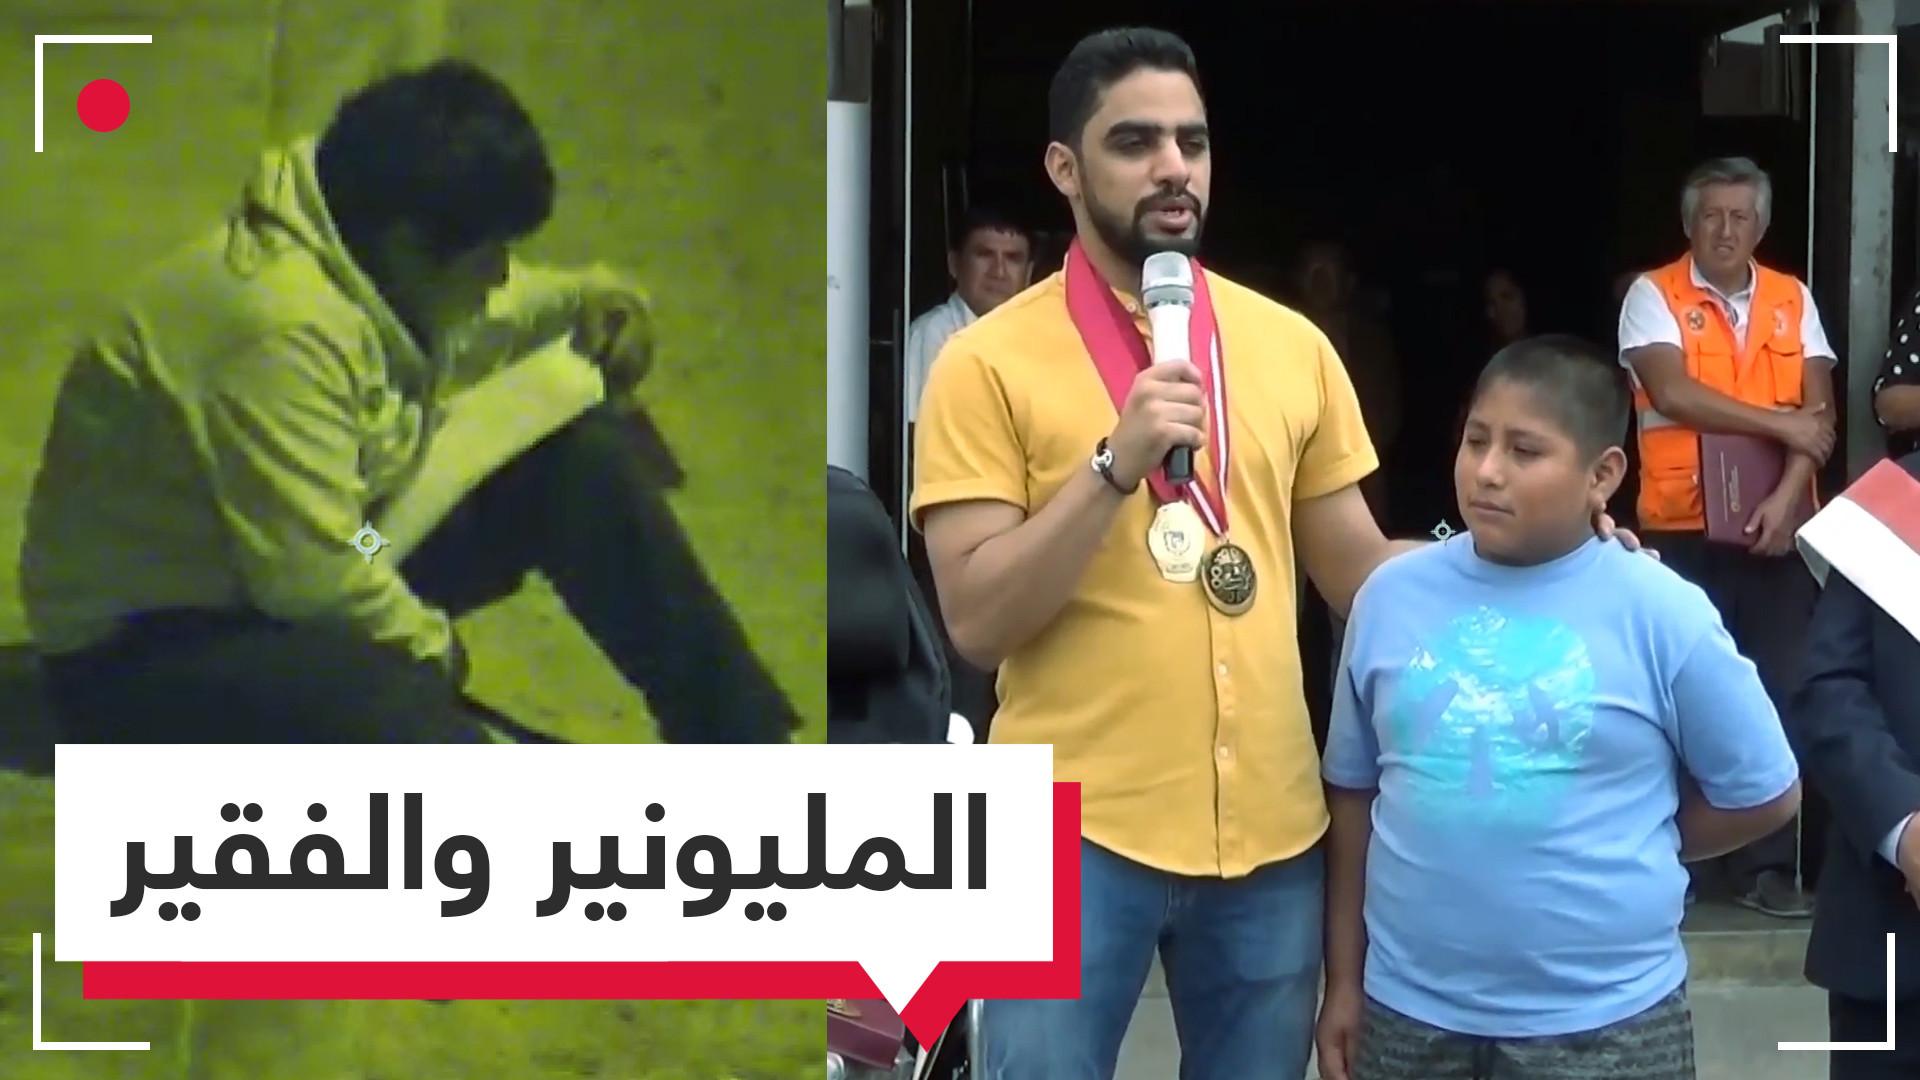 مليونير من البحرين يساعد طفلا في البيرو